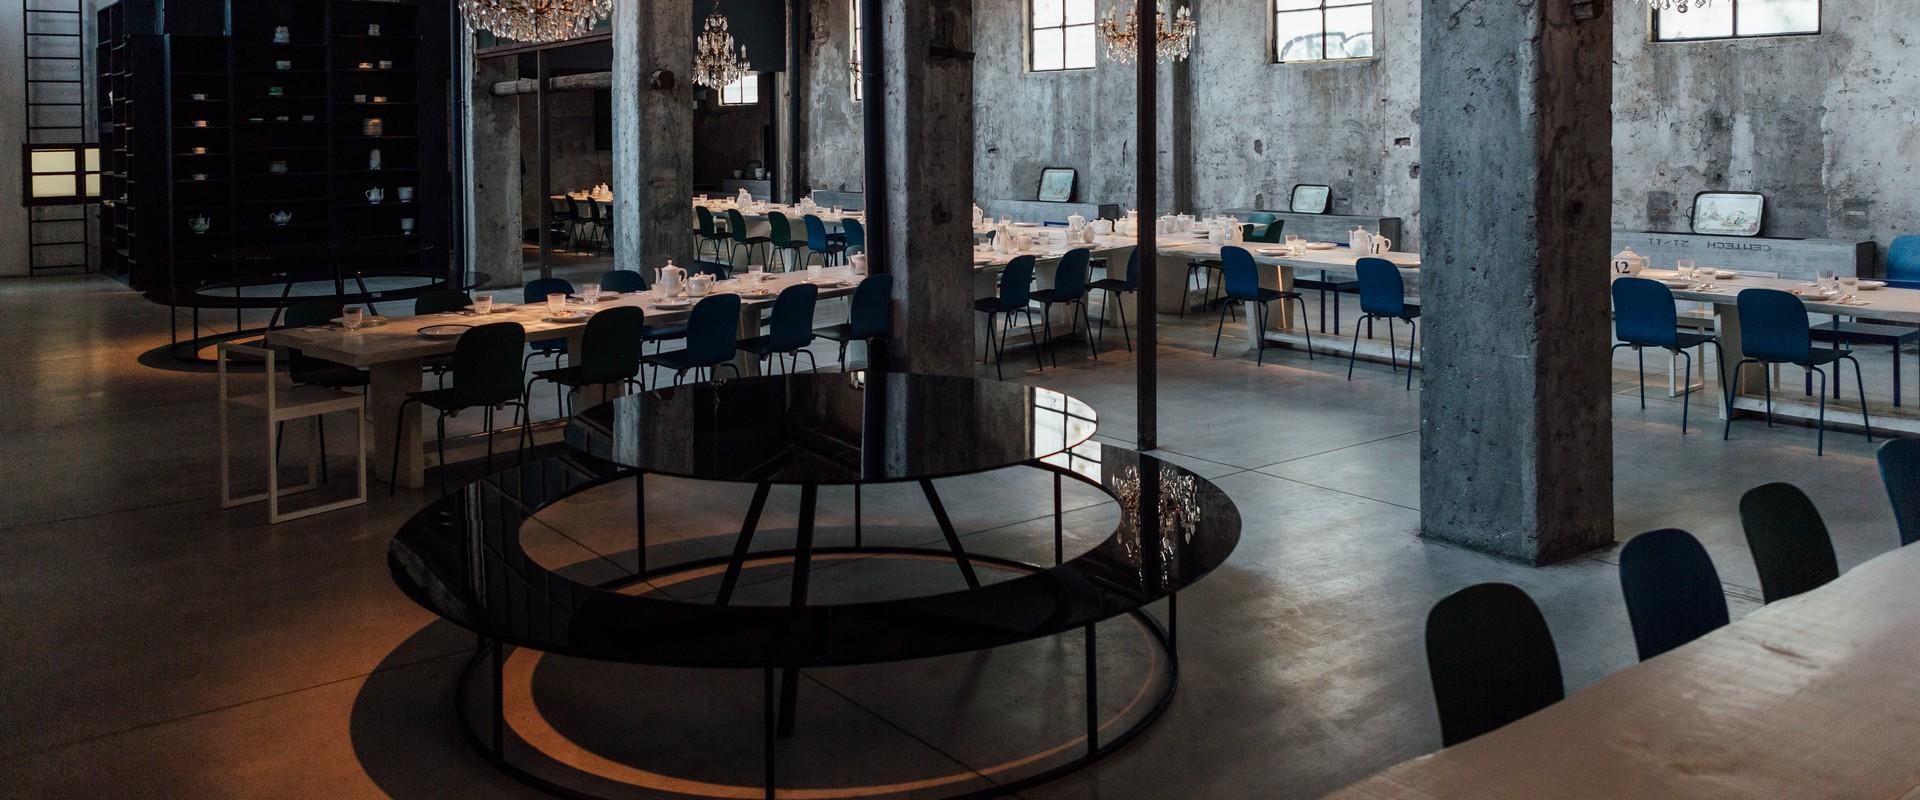 Bar ristorante cracco milano emmelle arredamenti for Mullano arredamenti